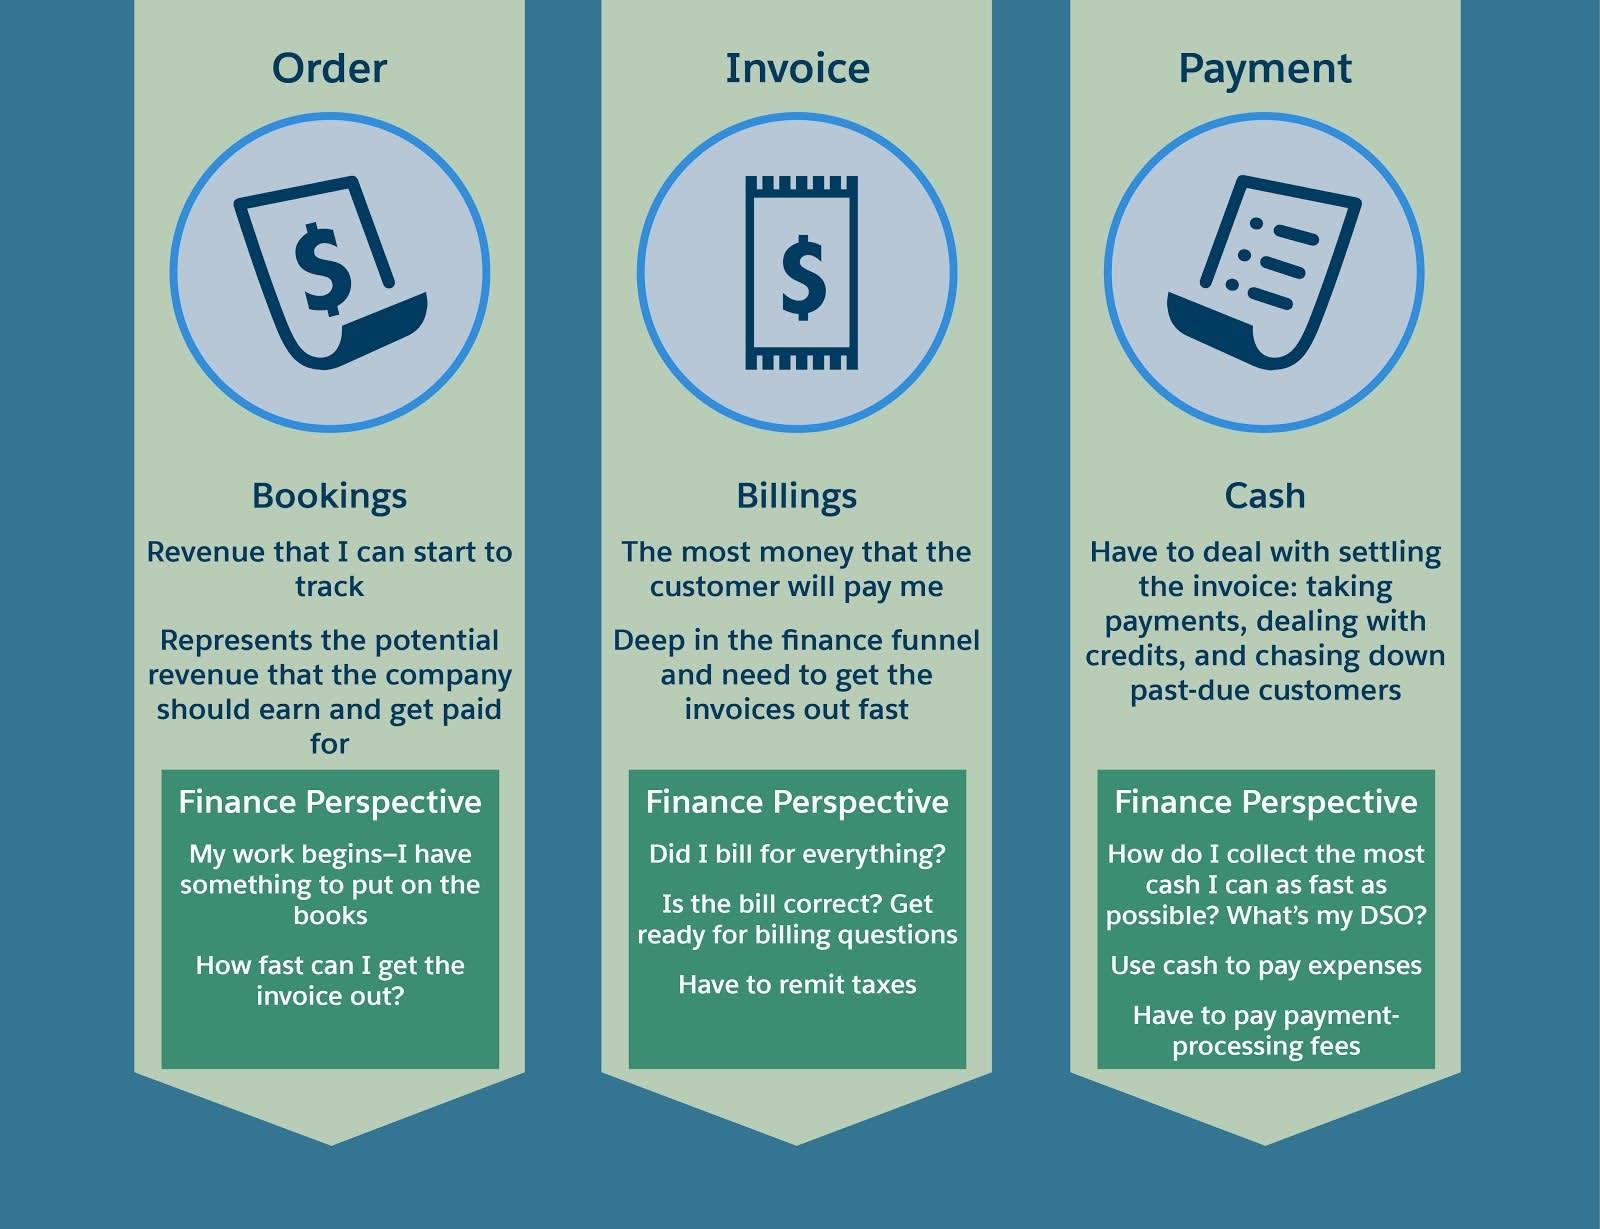 従来、財務チームが関与するのは注文フェーズ、請求フェーズ、支払フェーズです。